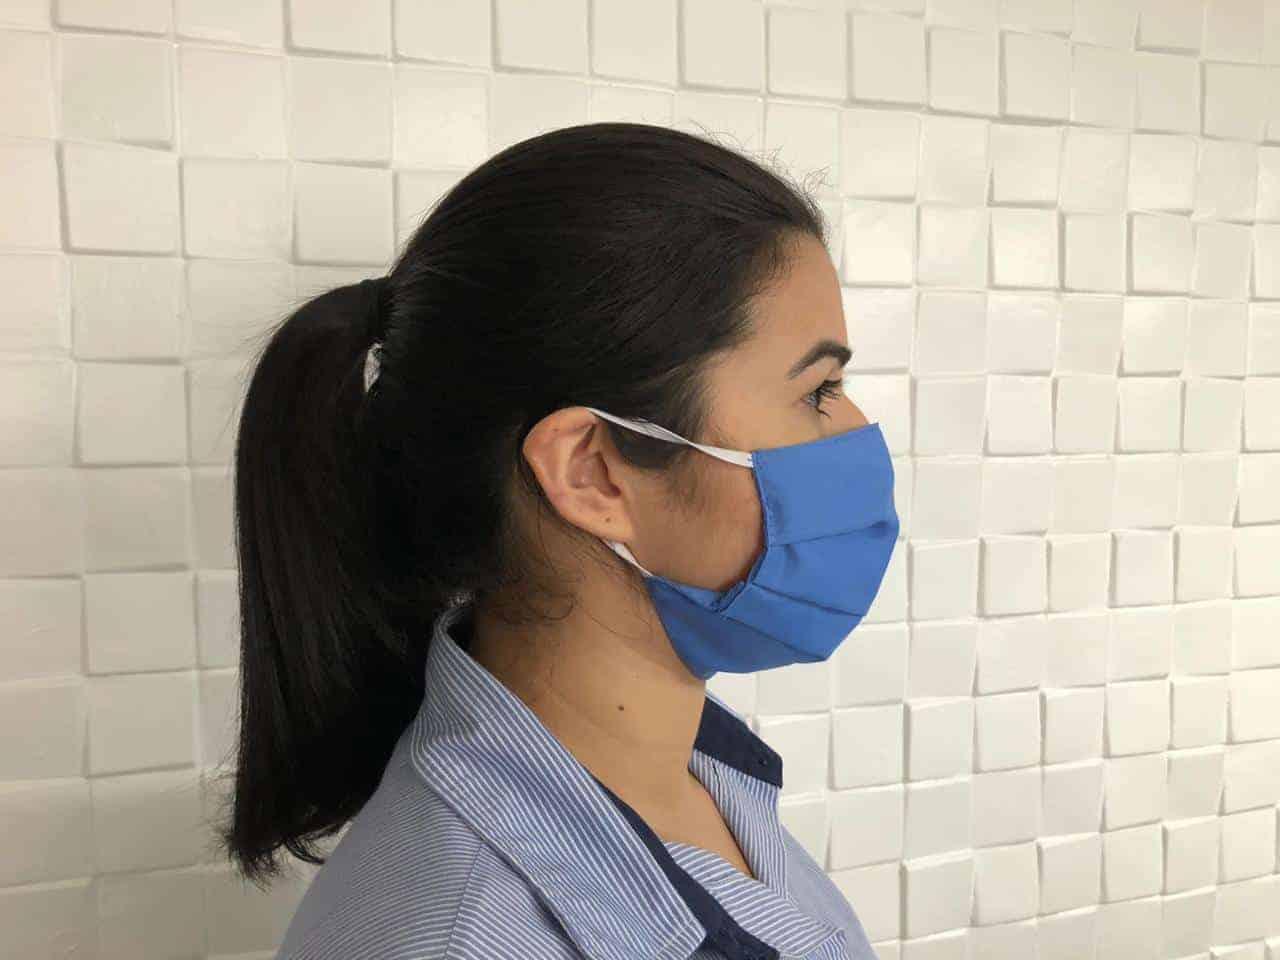 Máscara facial é fundamental para a prevenção ao novo coronavírus (COVID-19)